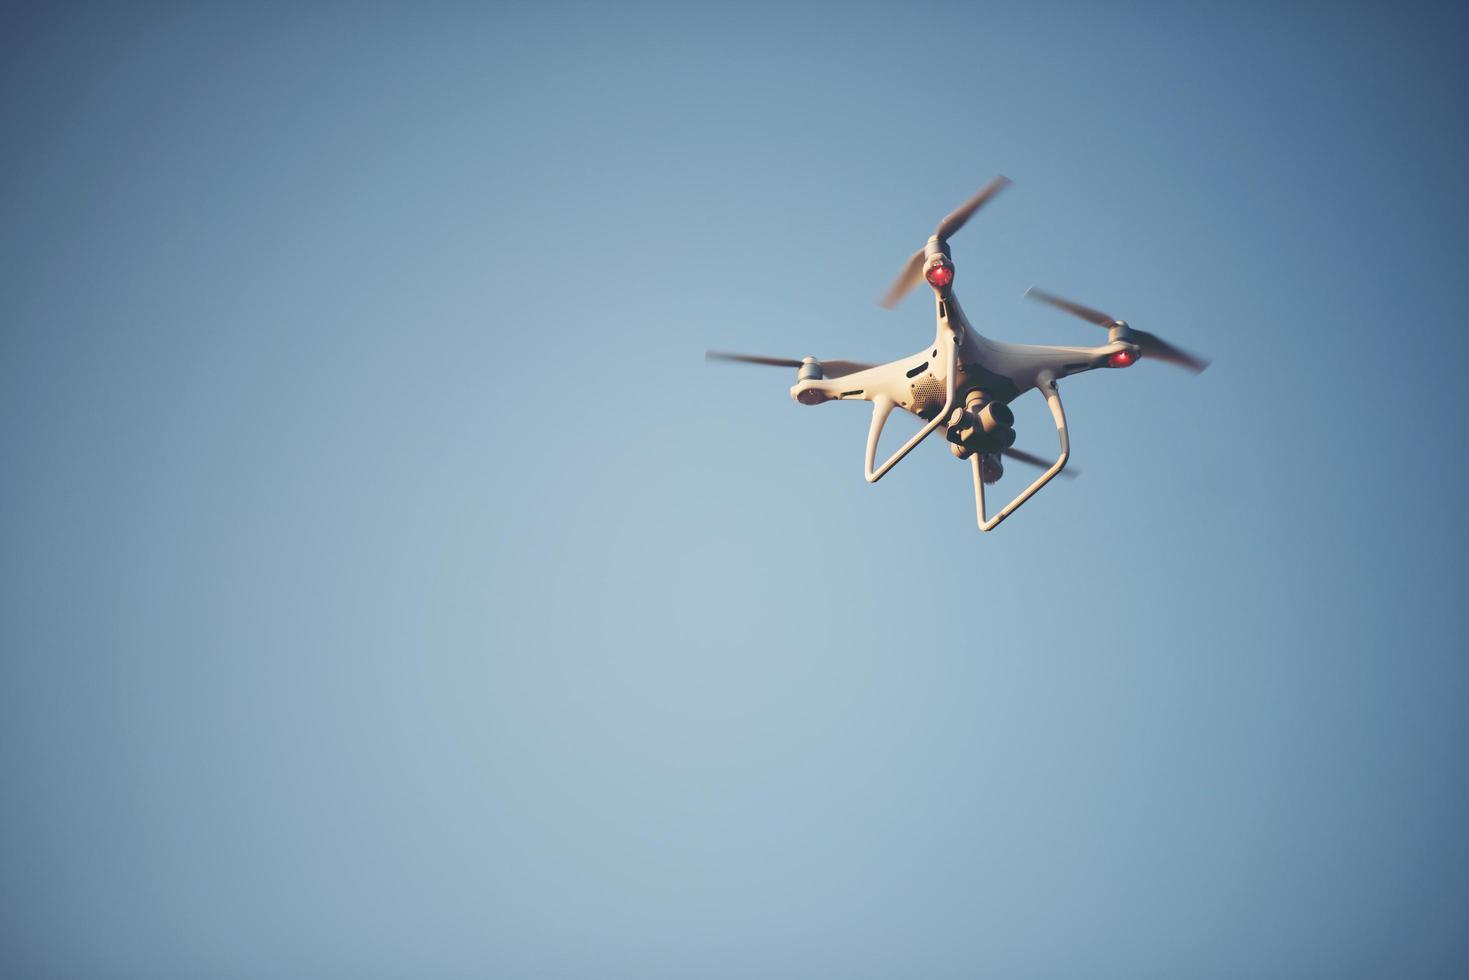 drone volant dans le ciel photo